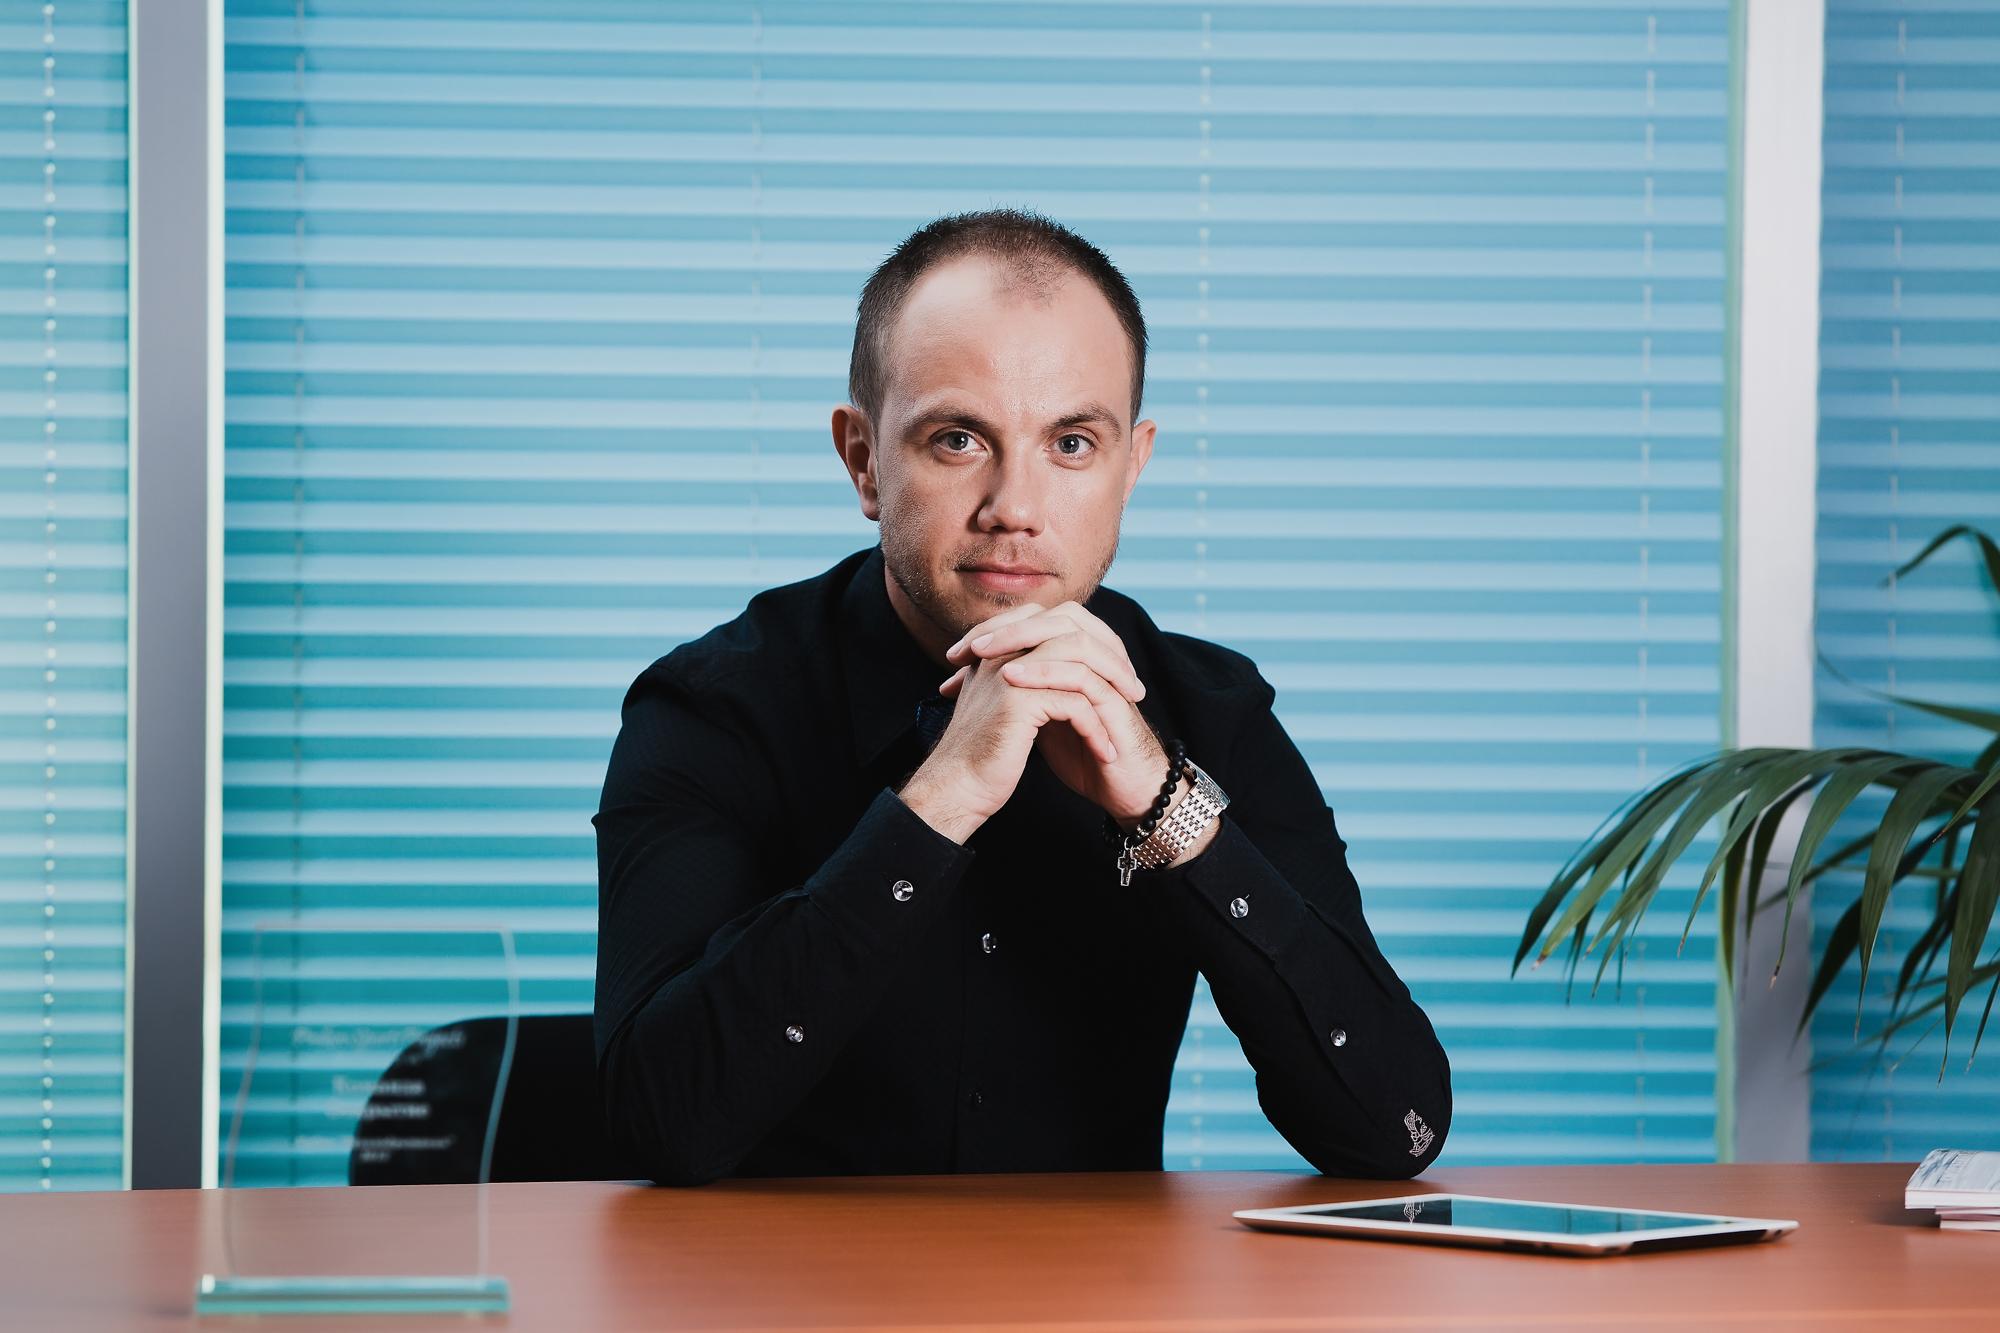 064 деловой портрет